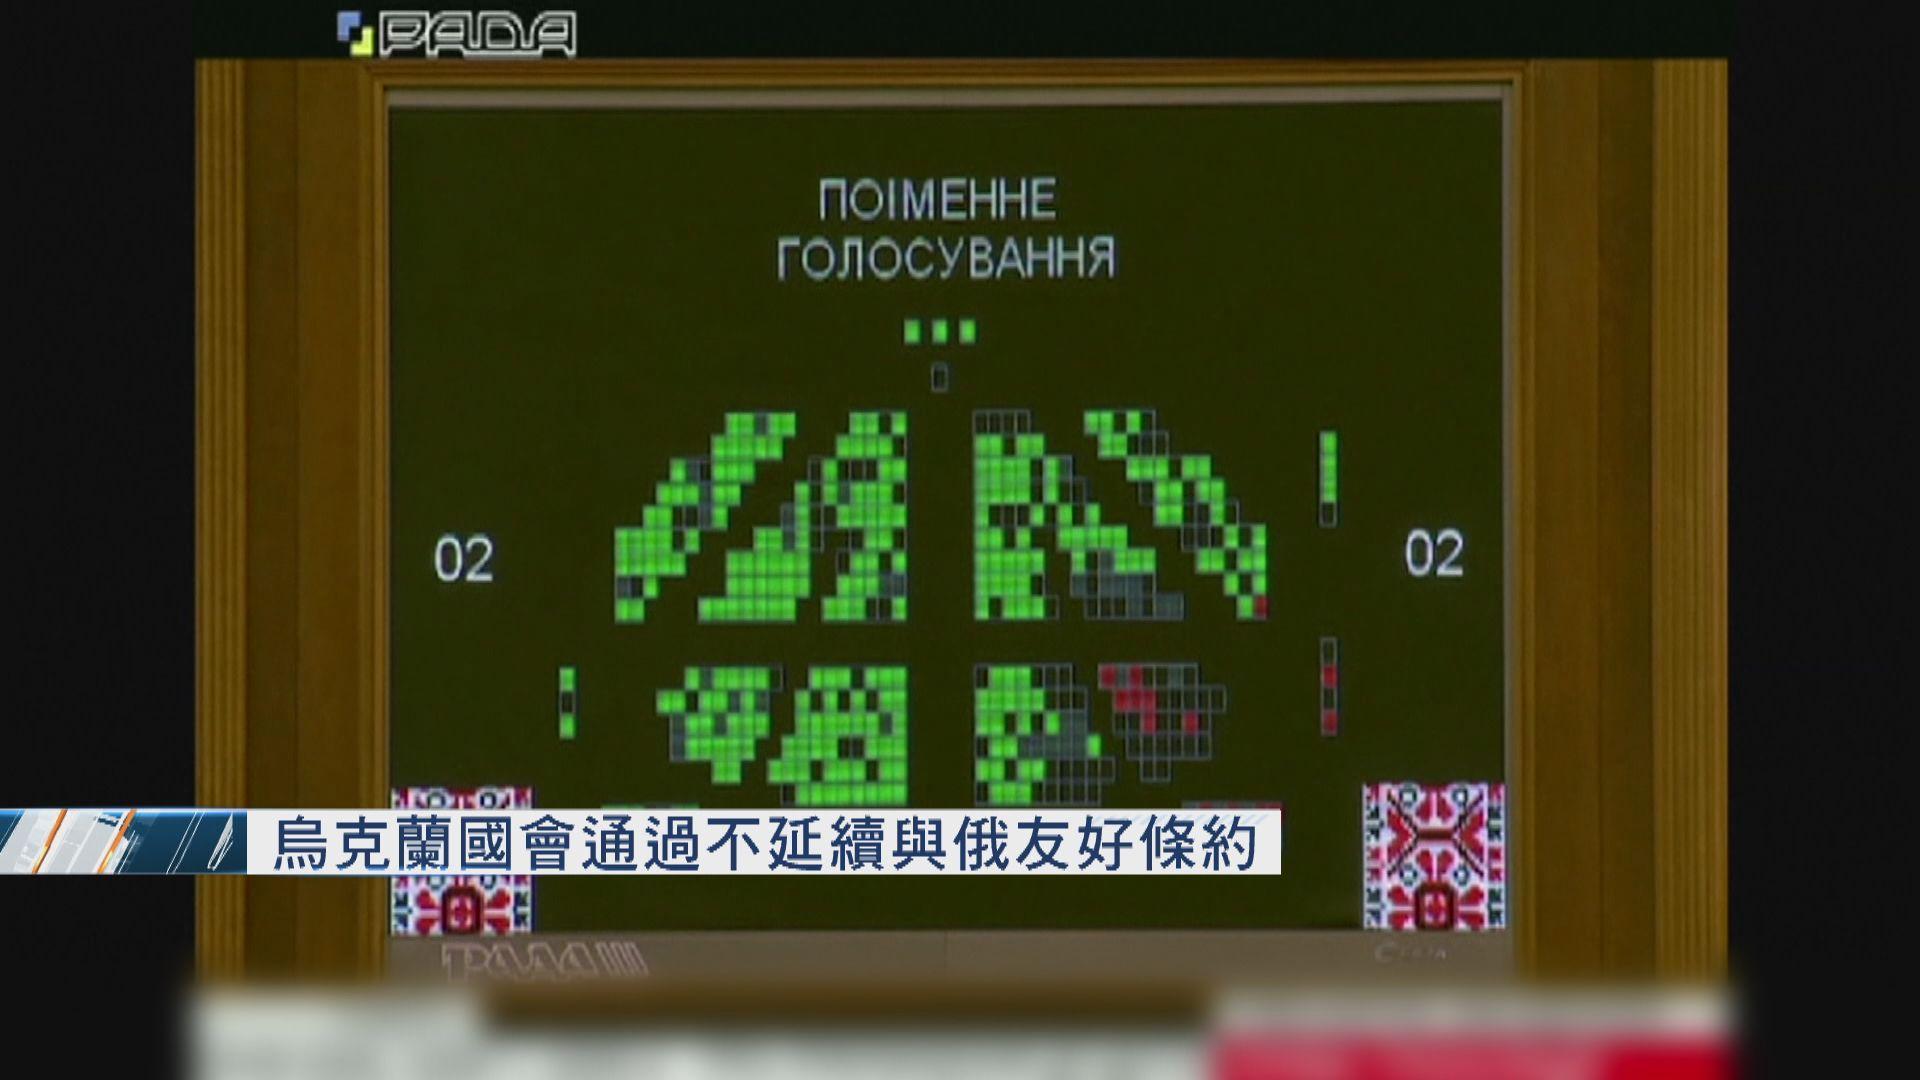 烏克蘭國會通過不延續與俄友好條約